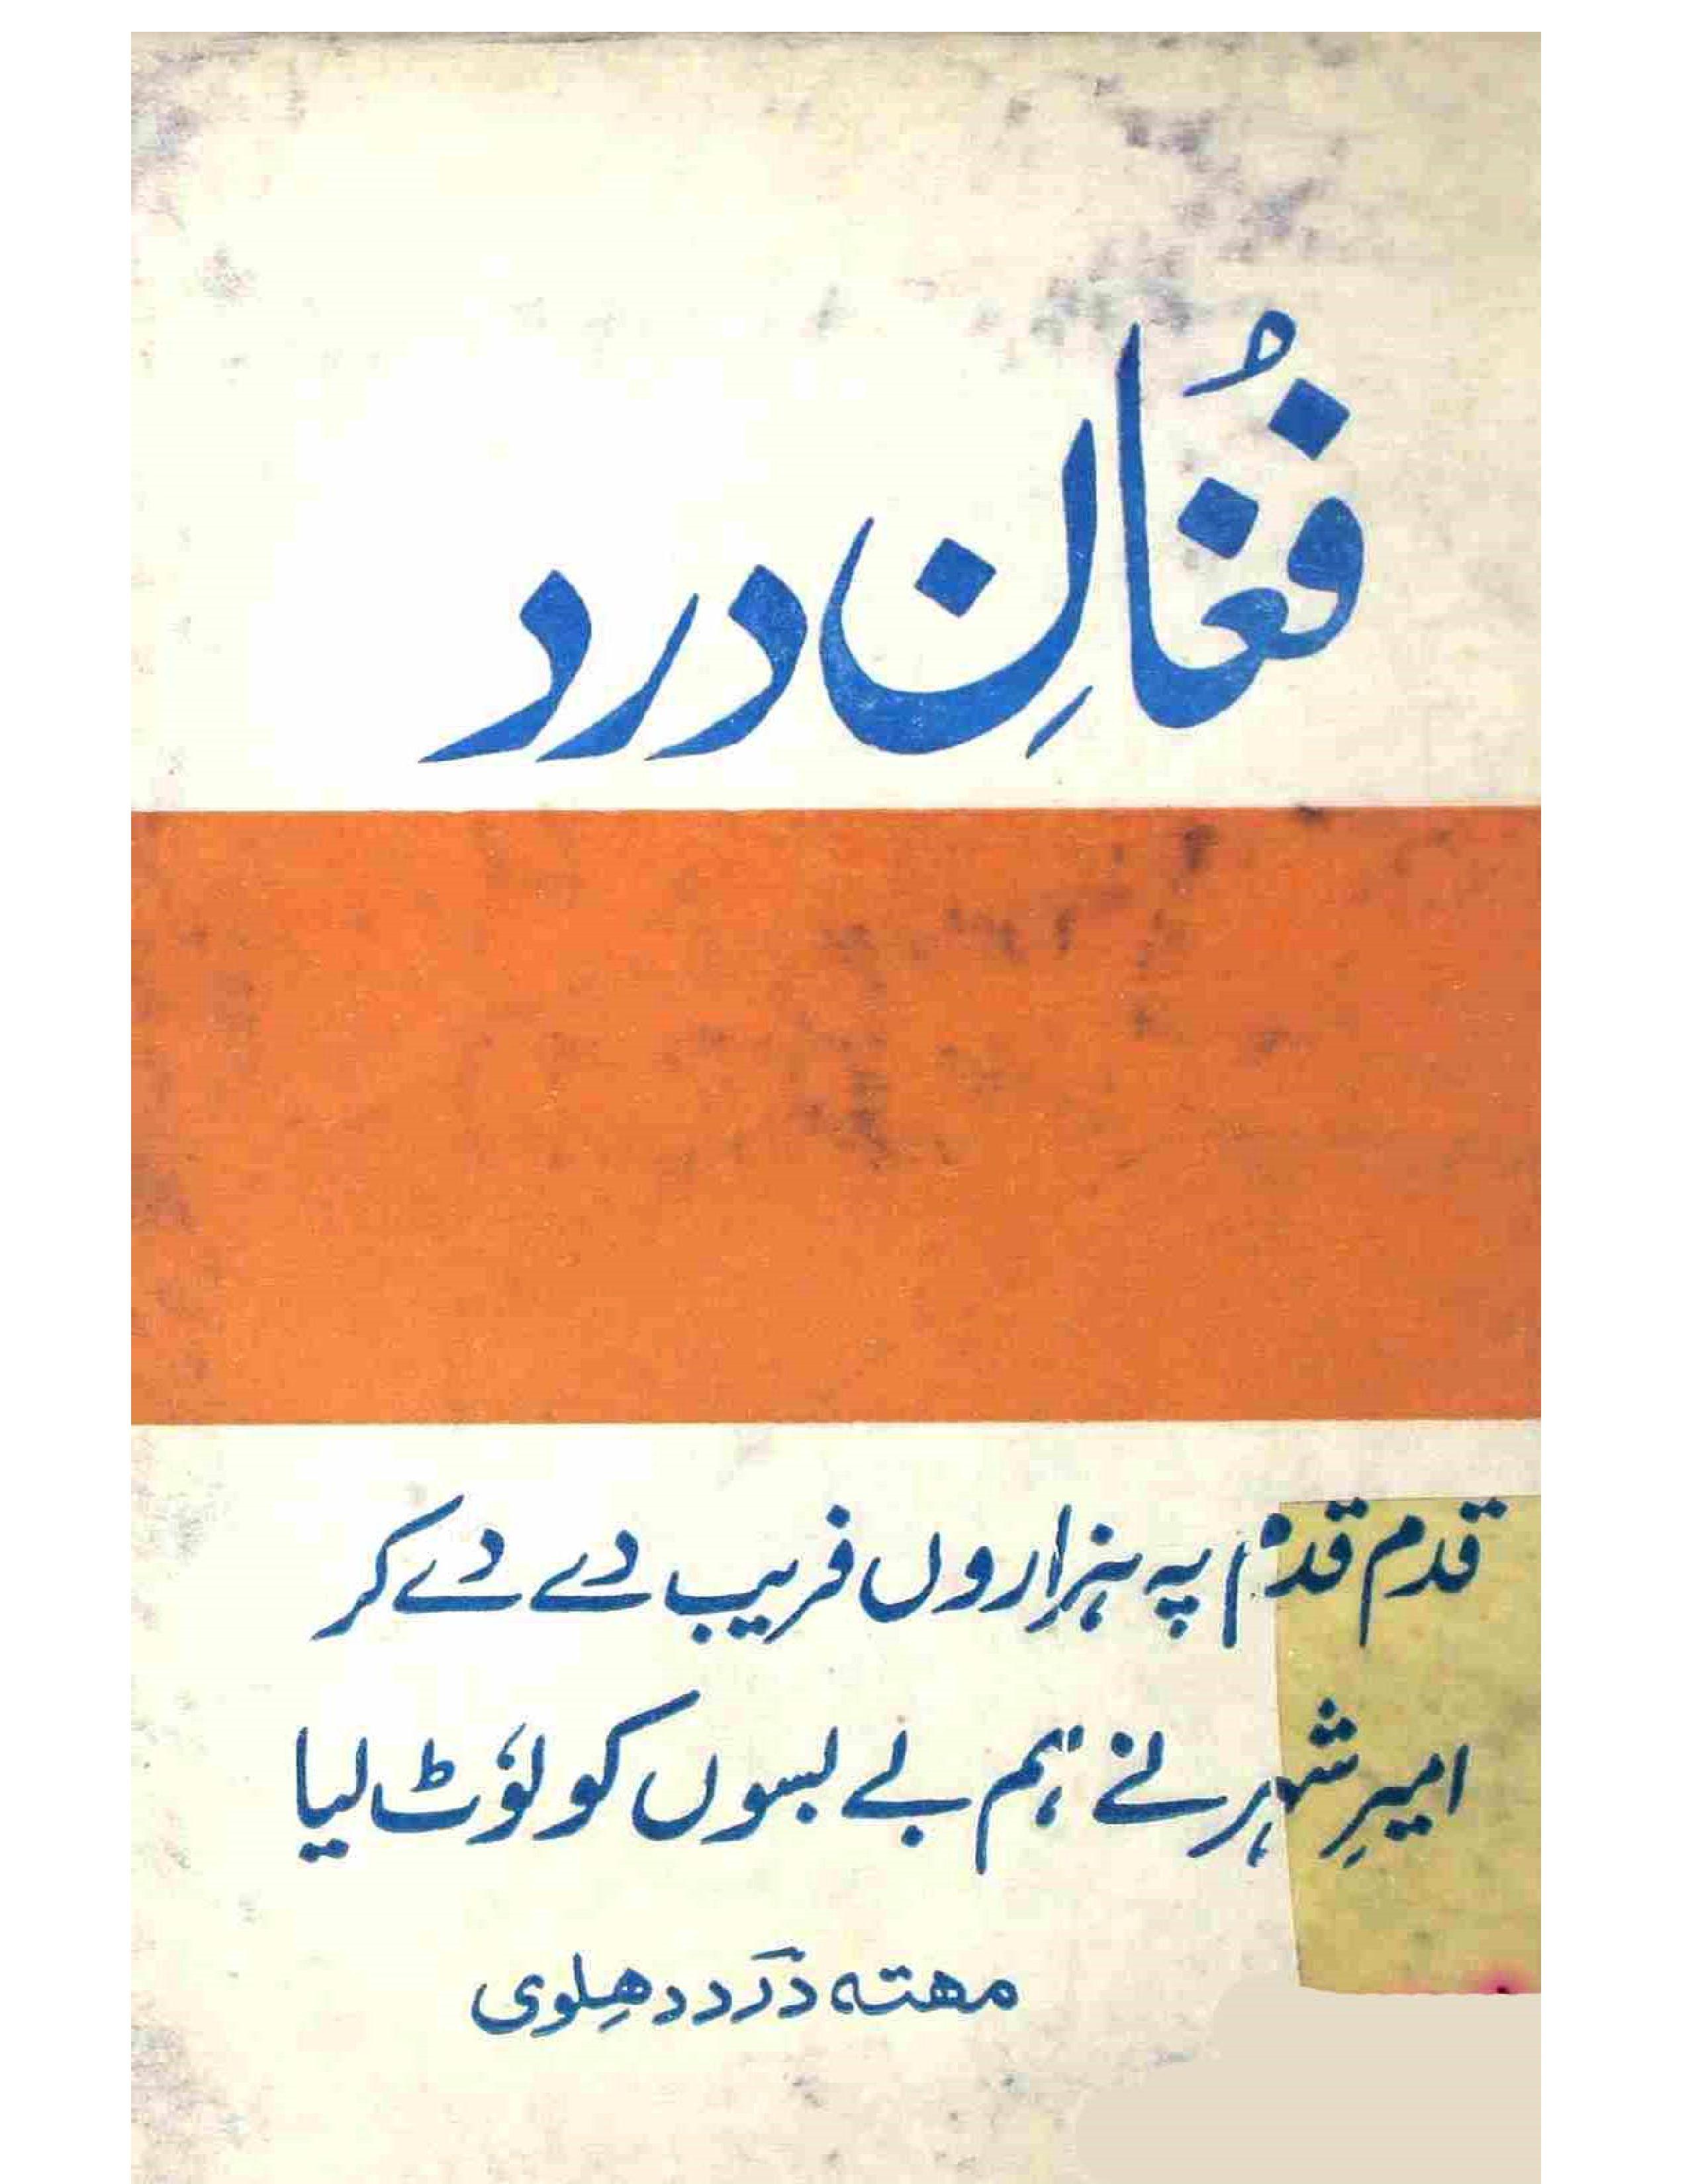 Fughan-e-Dard